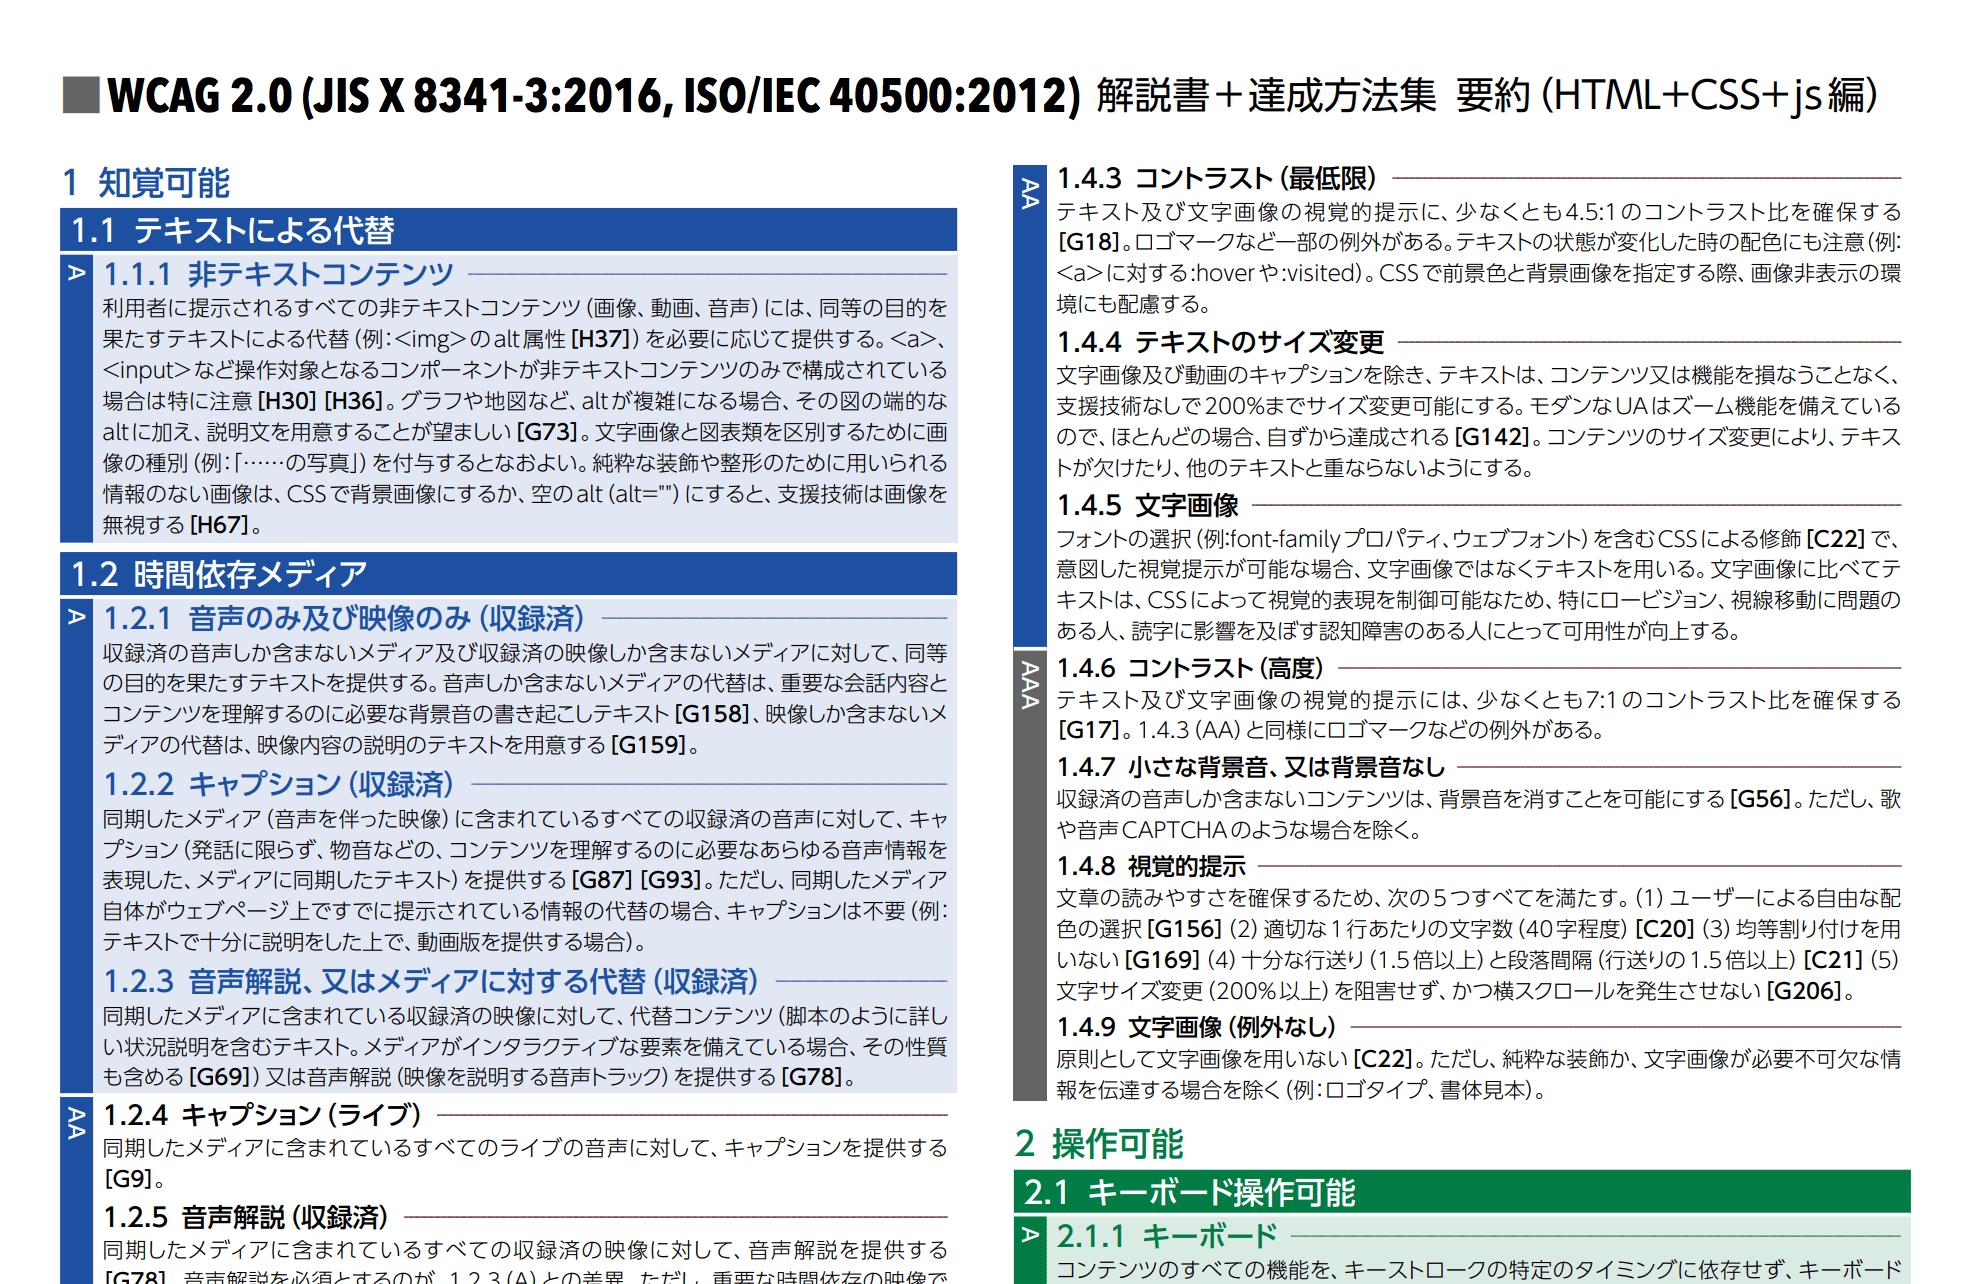 時代工房「WCAG 2.0 解説書+達成方法集 要約」